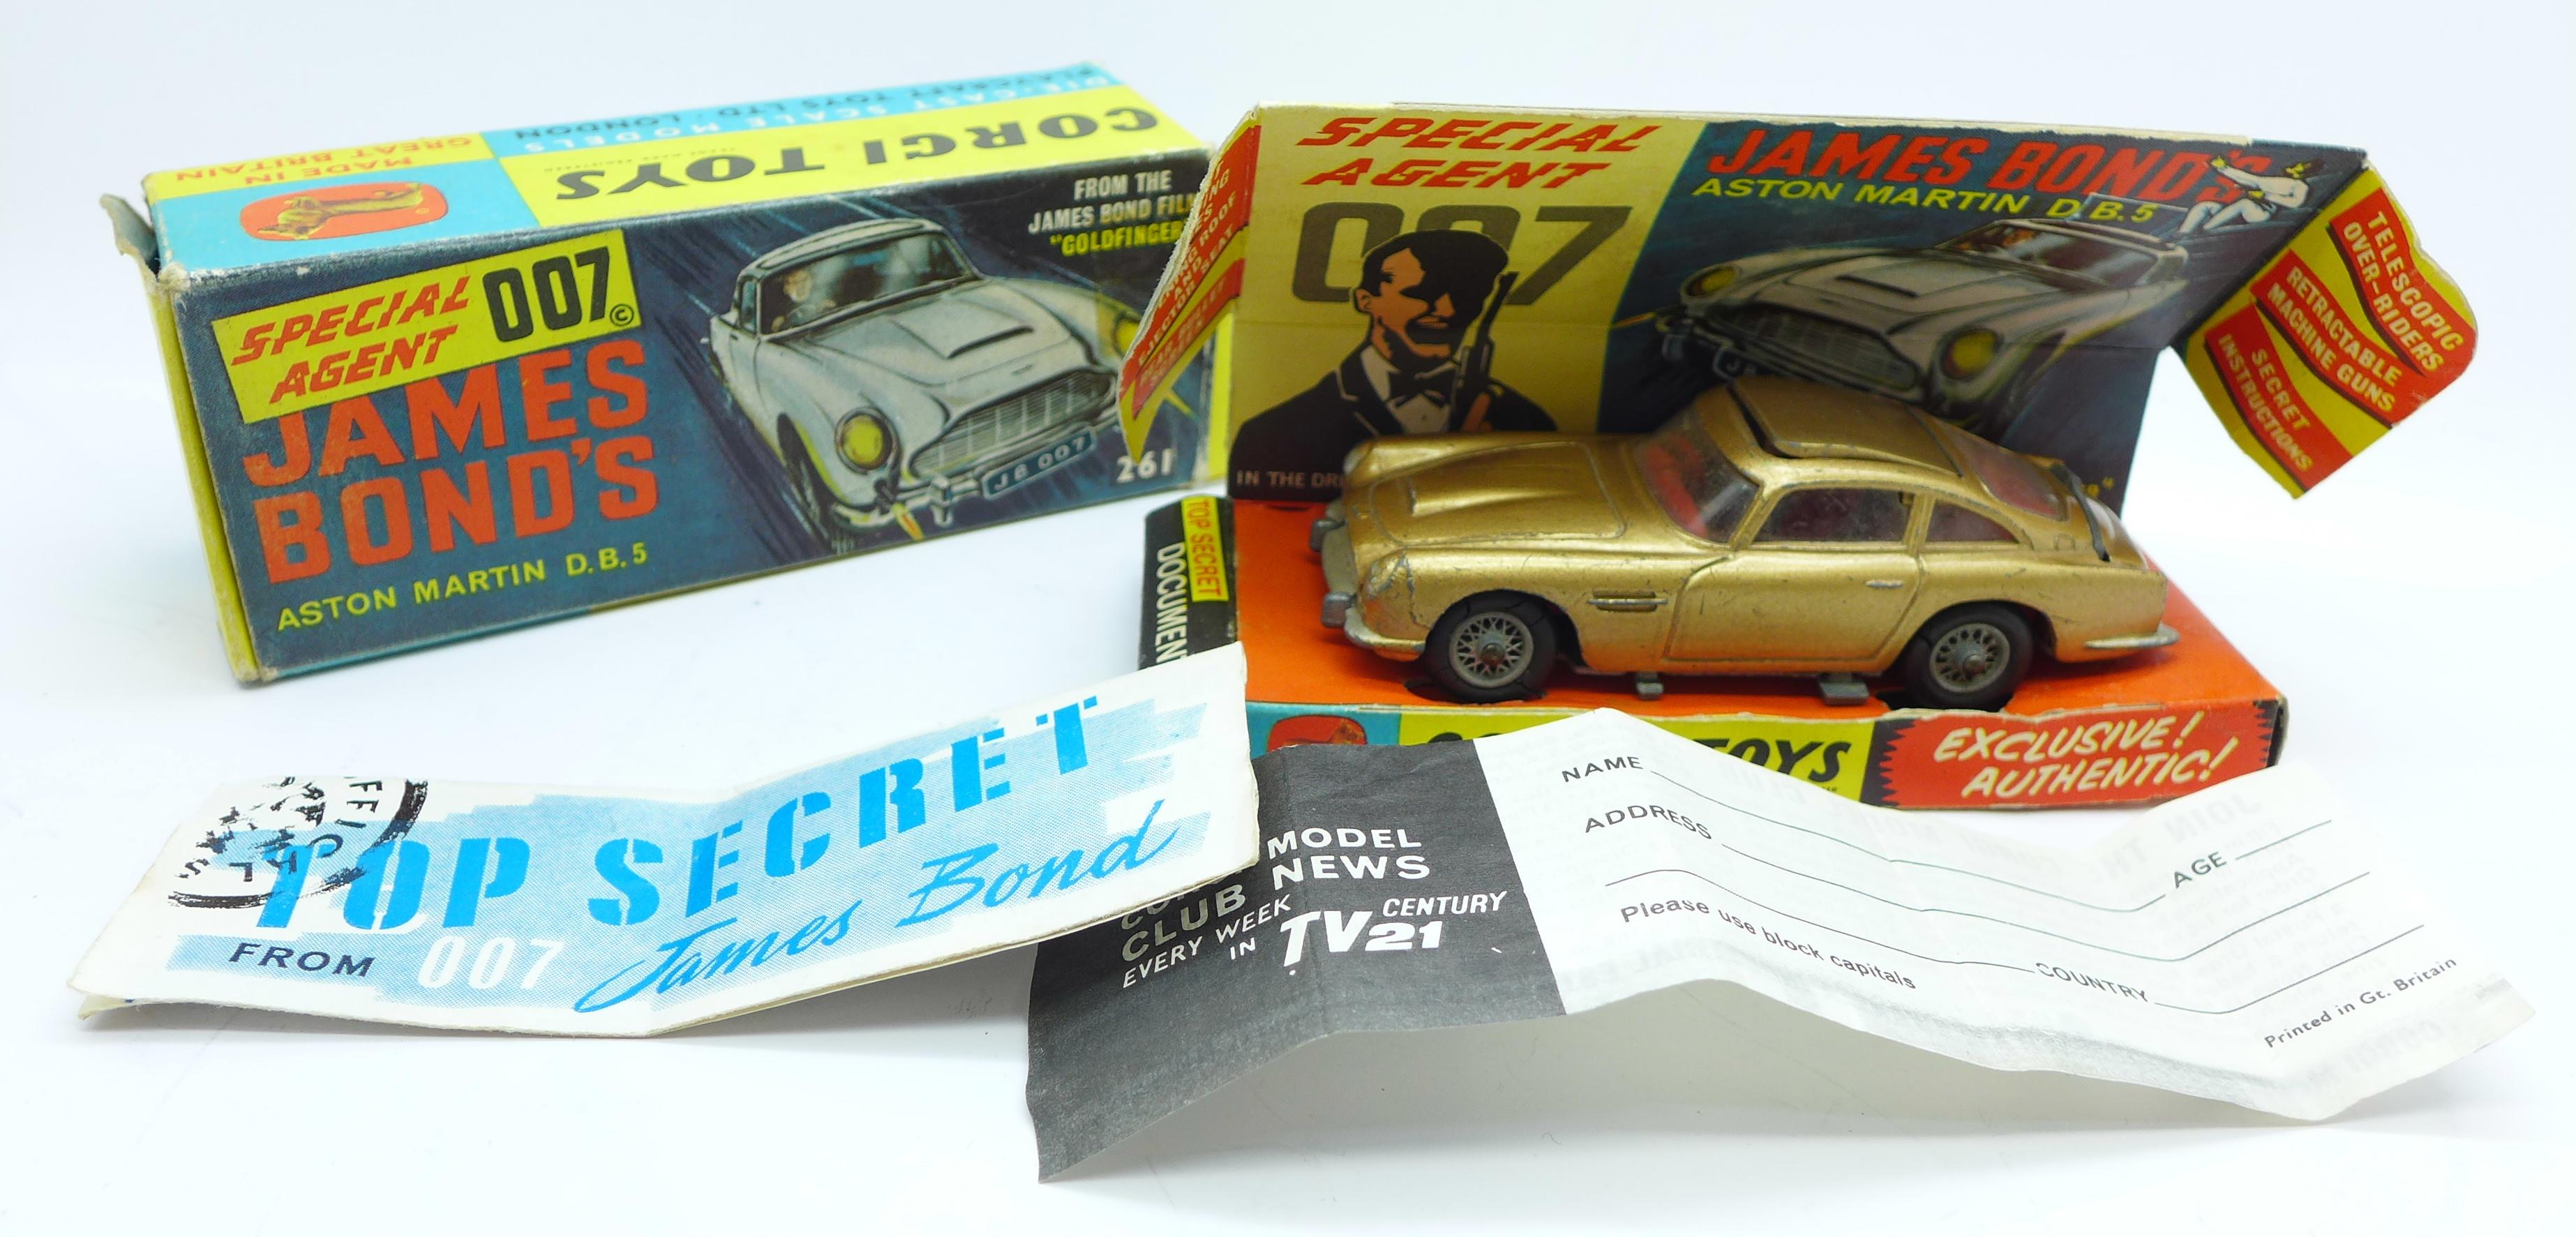 Lot 646 - A Corgi Toys 261 James Bond's Aston Martin DB5, boxed,